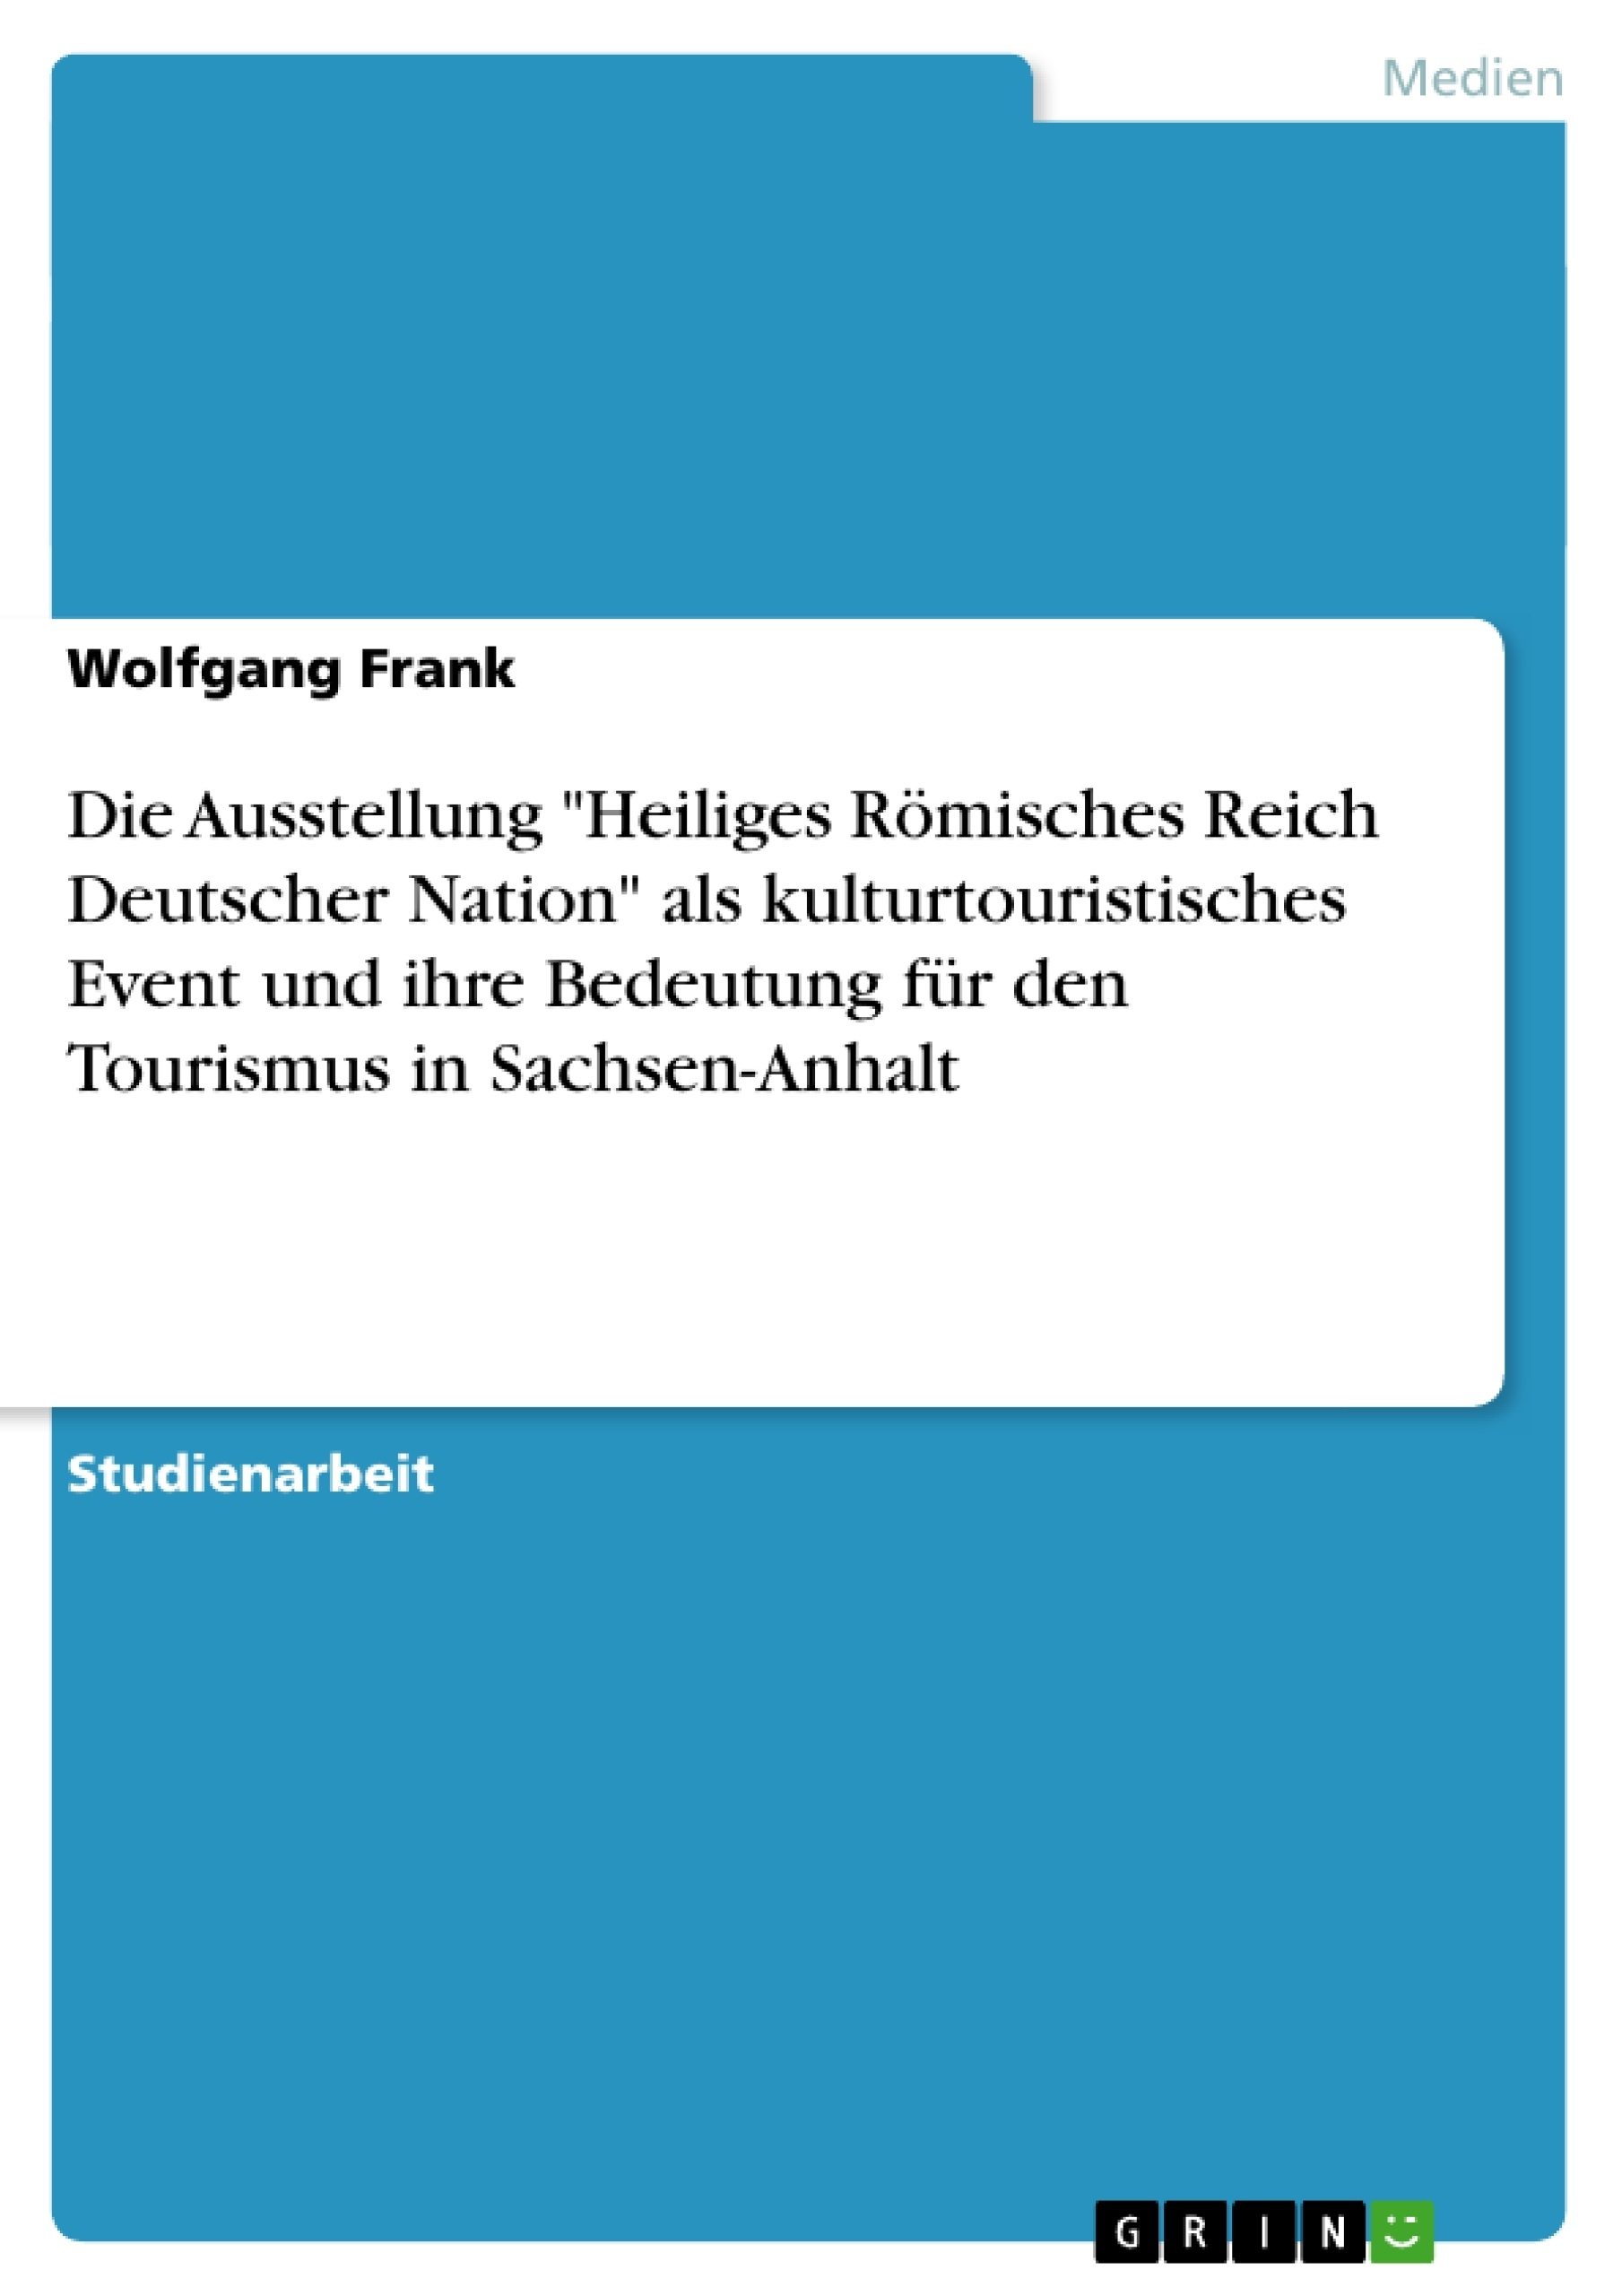 """Titel: Die Ausstellung """"Heiliges Römisches Reich Deutscher Nation"""" als kulturtouristisches Event und ihre Bedeutung für den Tourismus in Sachsen-Anhalt"""